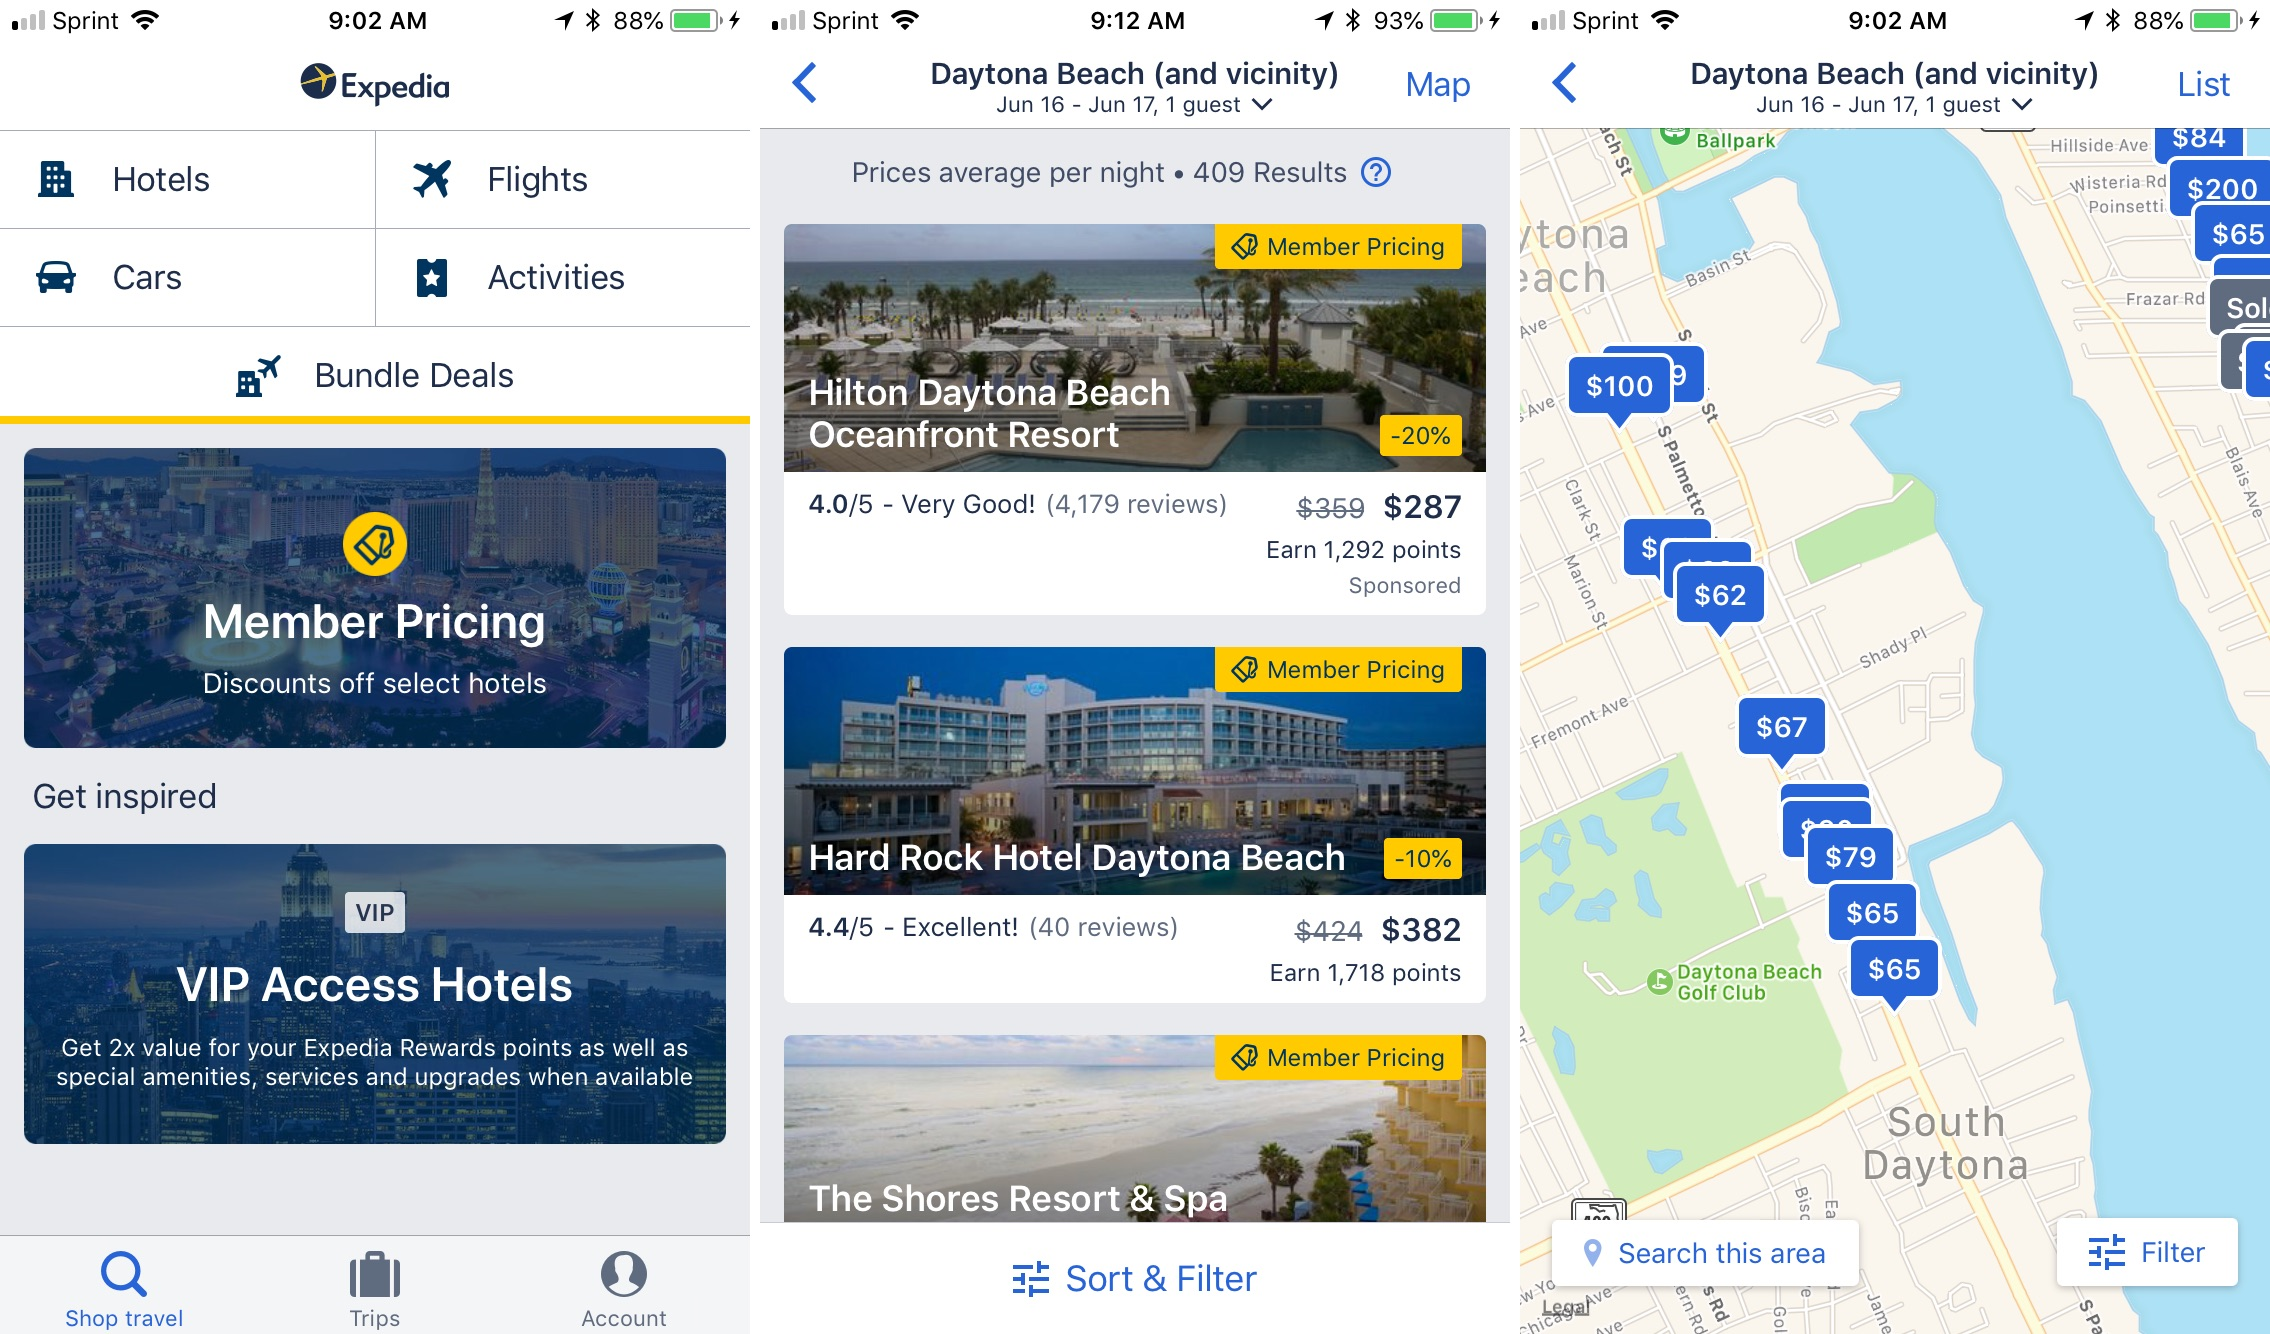 Aplicación de viaje de Expedia iphone